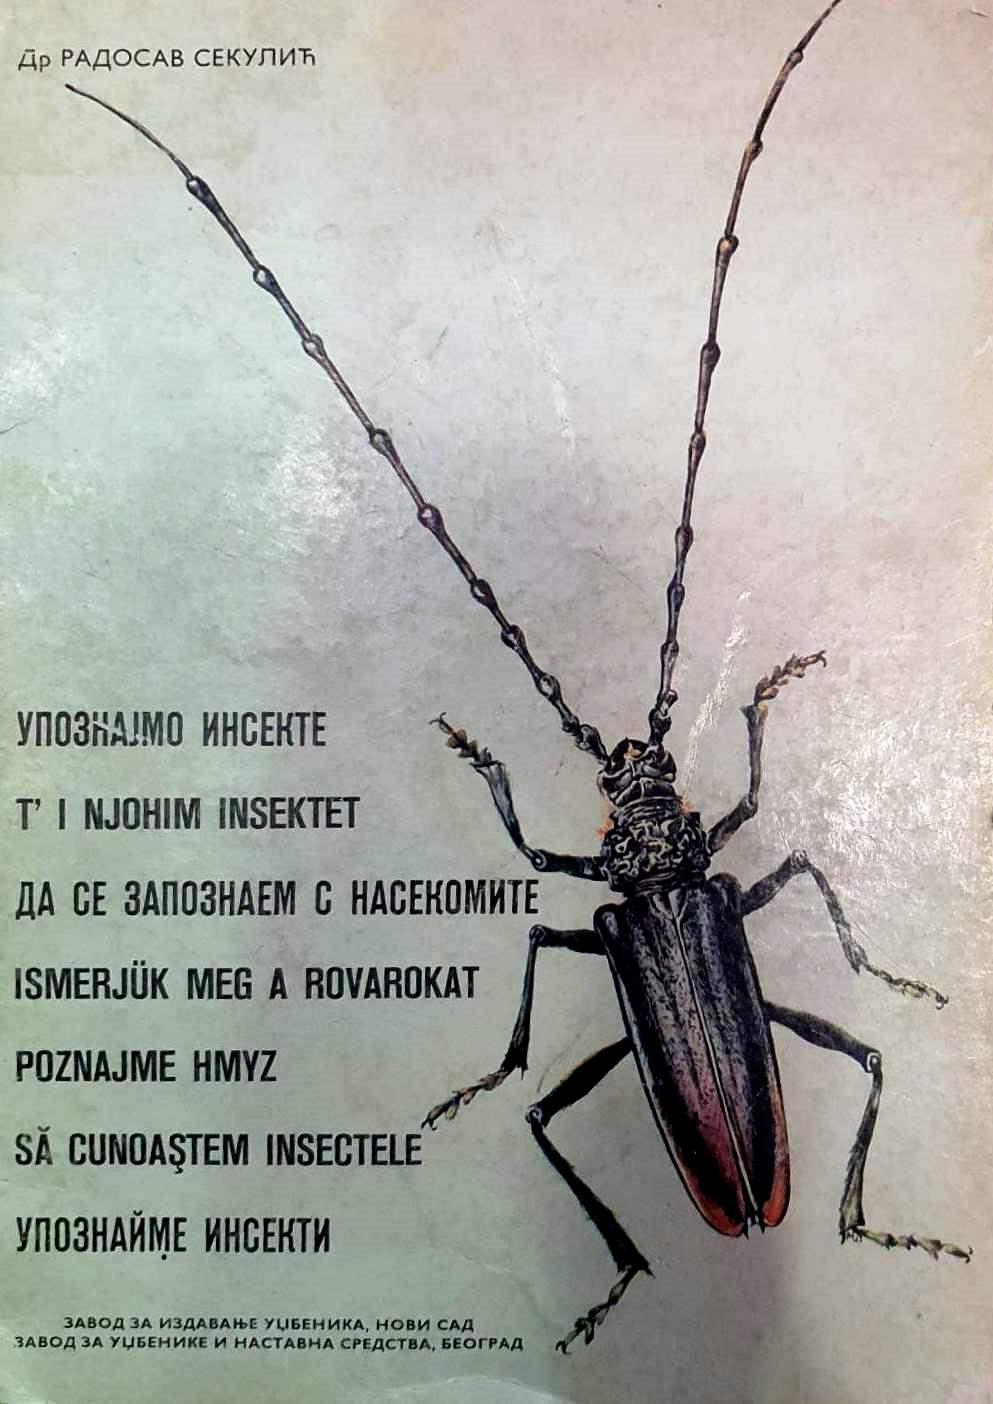 upoznajmo insekte